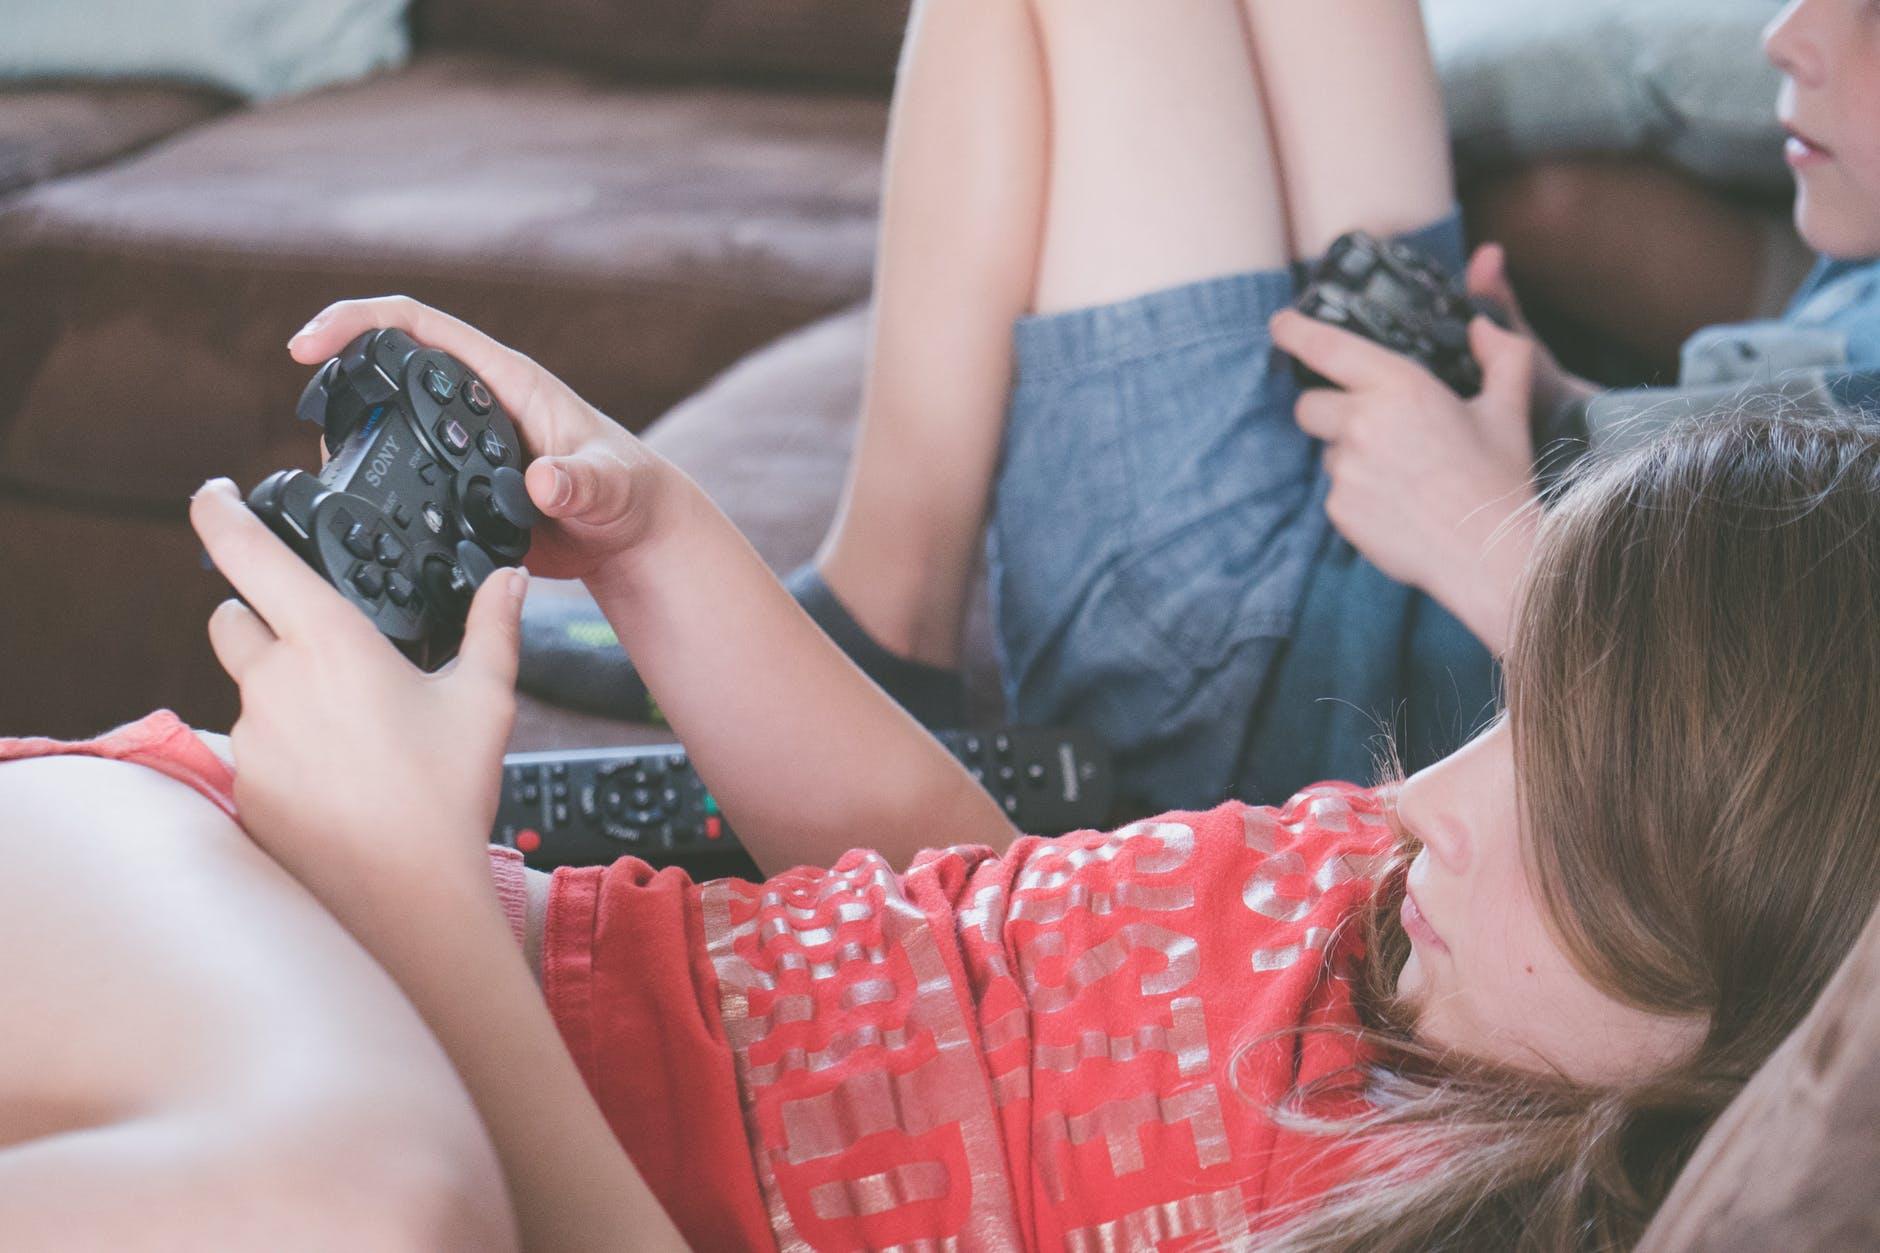 เด็กๆ กำลังเล่นเกมเพลย์สเตชั่น